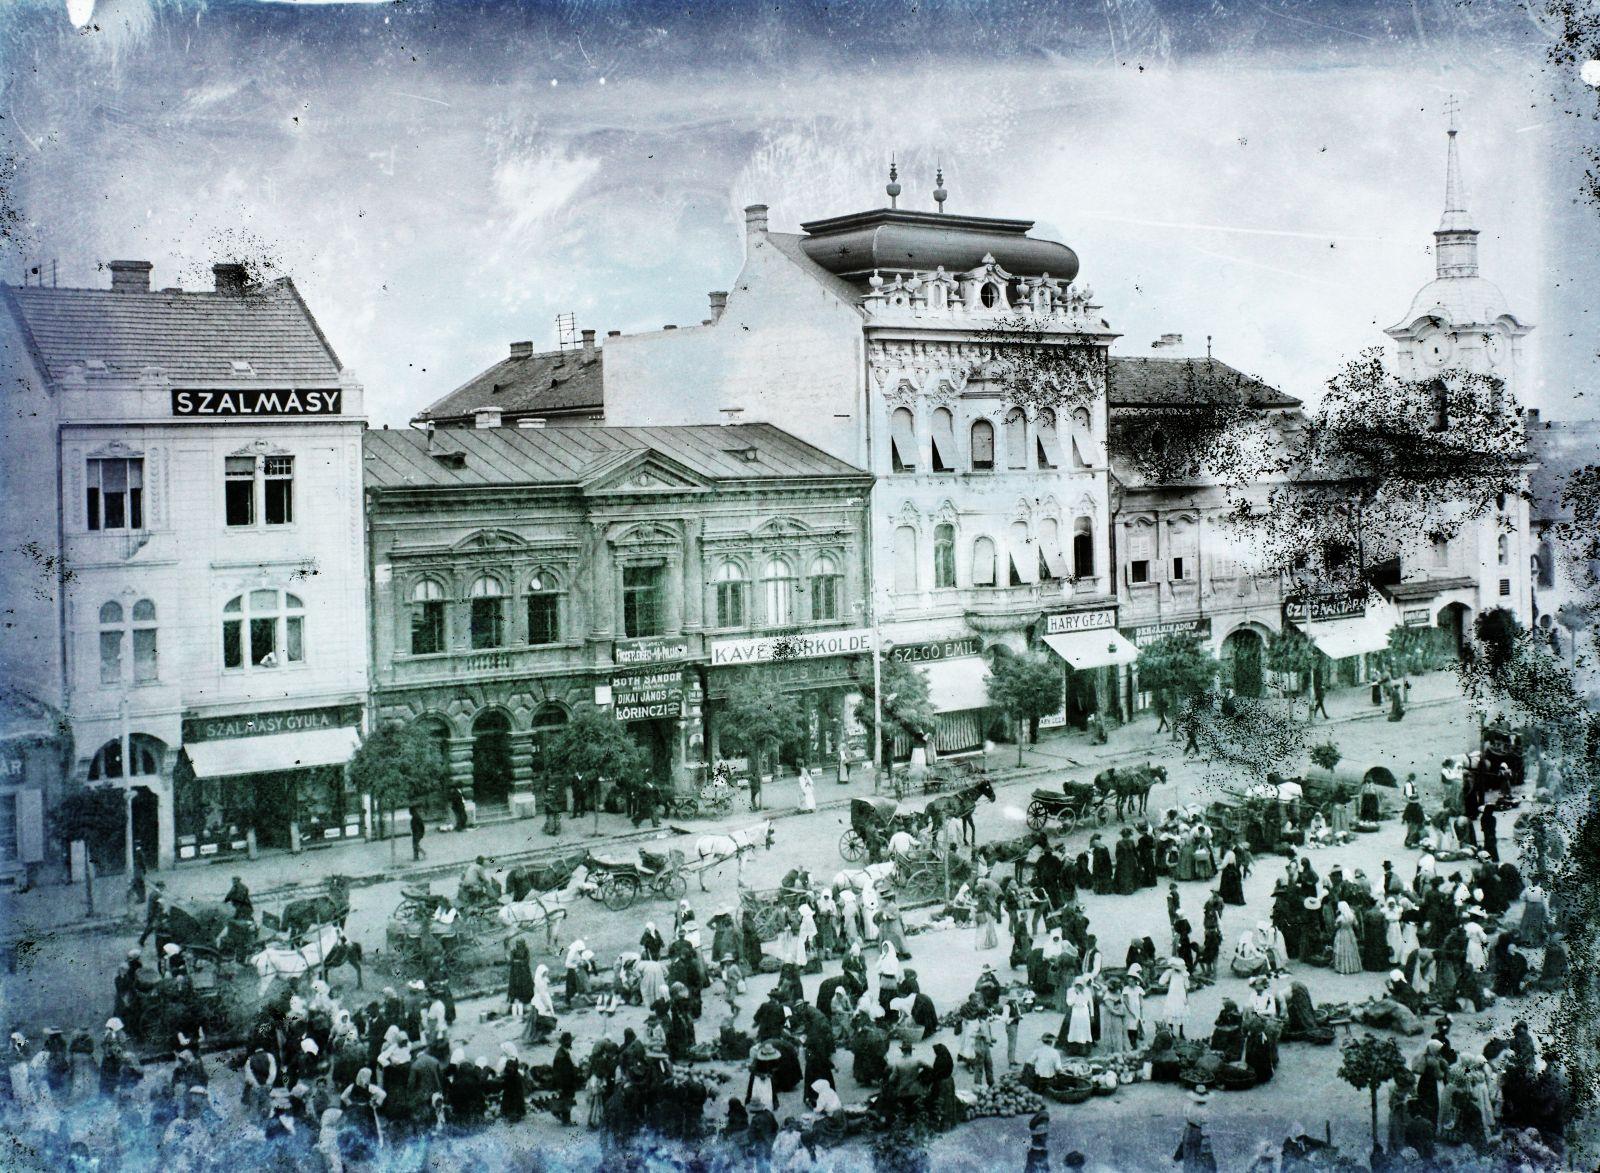 Marosvásárhely főtere, amely piactérként is működött   Forrás: Fortepan